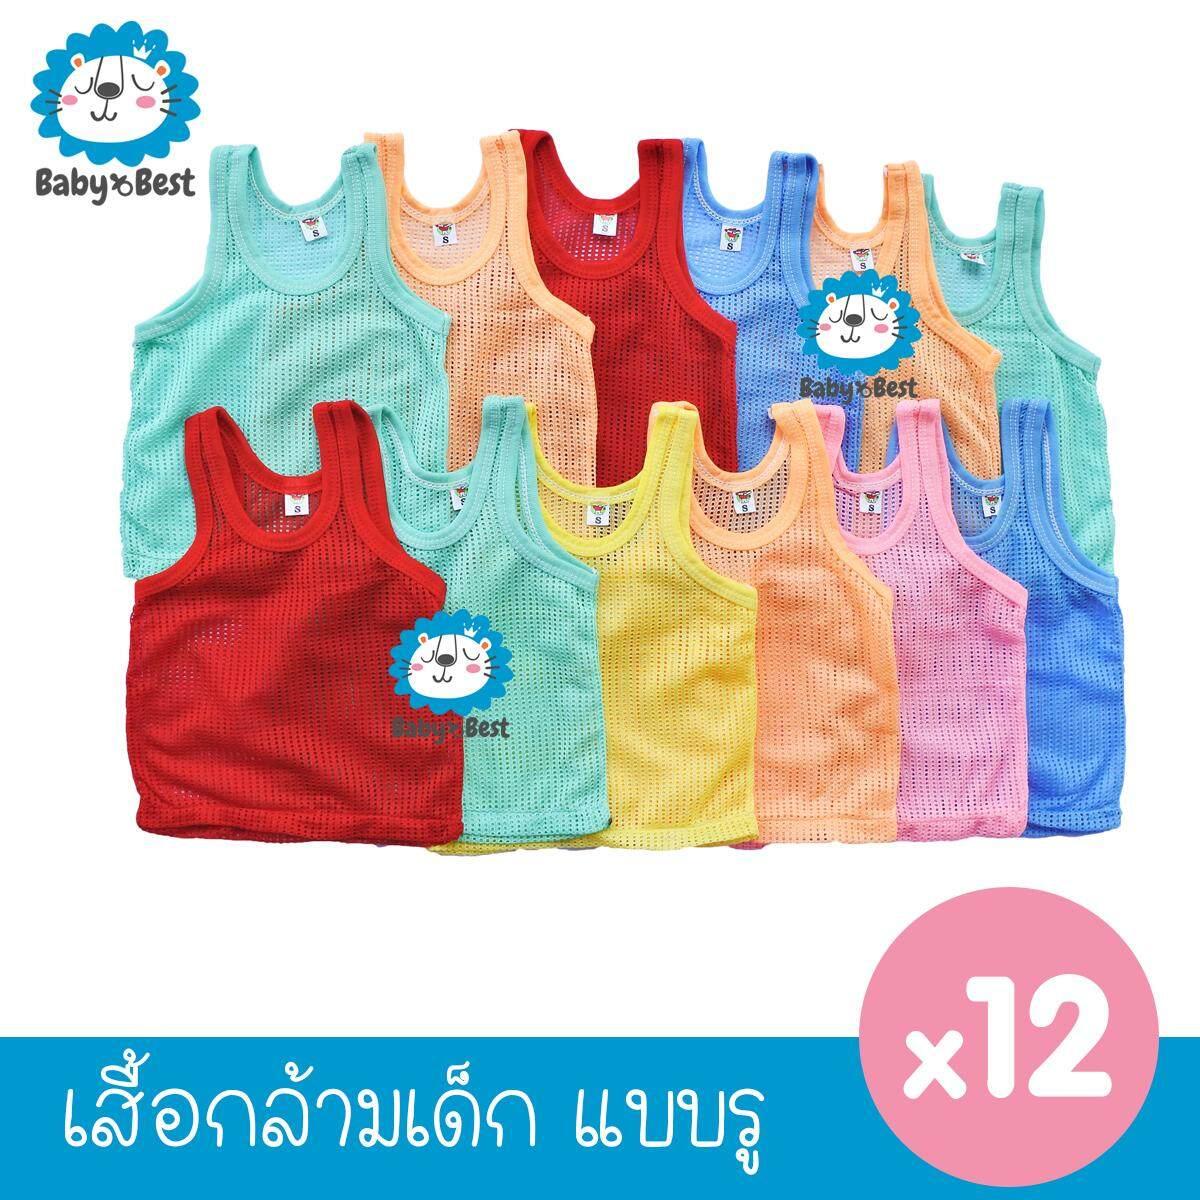 เสื้อกล้ามรู เสื้อกล้ามเด็ก แพ็ค 12 ตัว (คละสี) เสื้อกล้ามแบบมีรู By Baby Best.